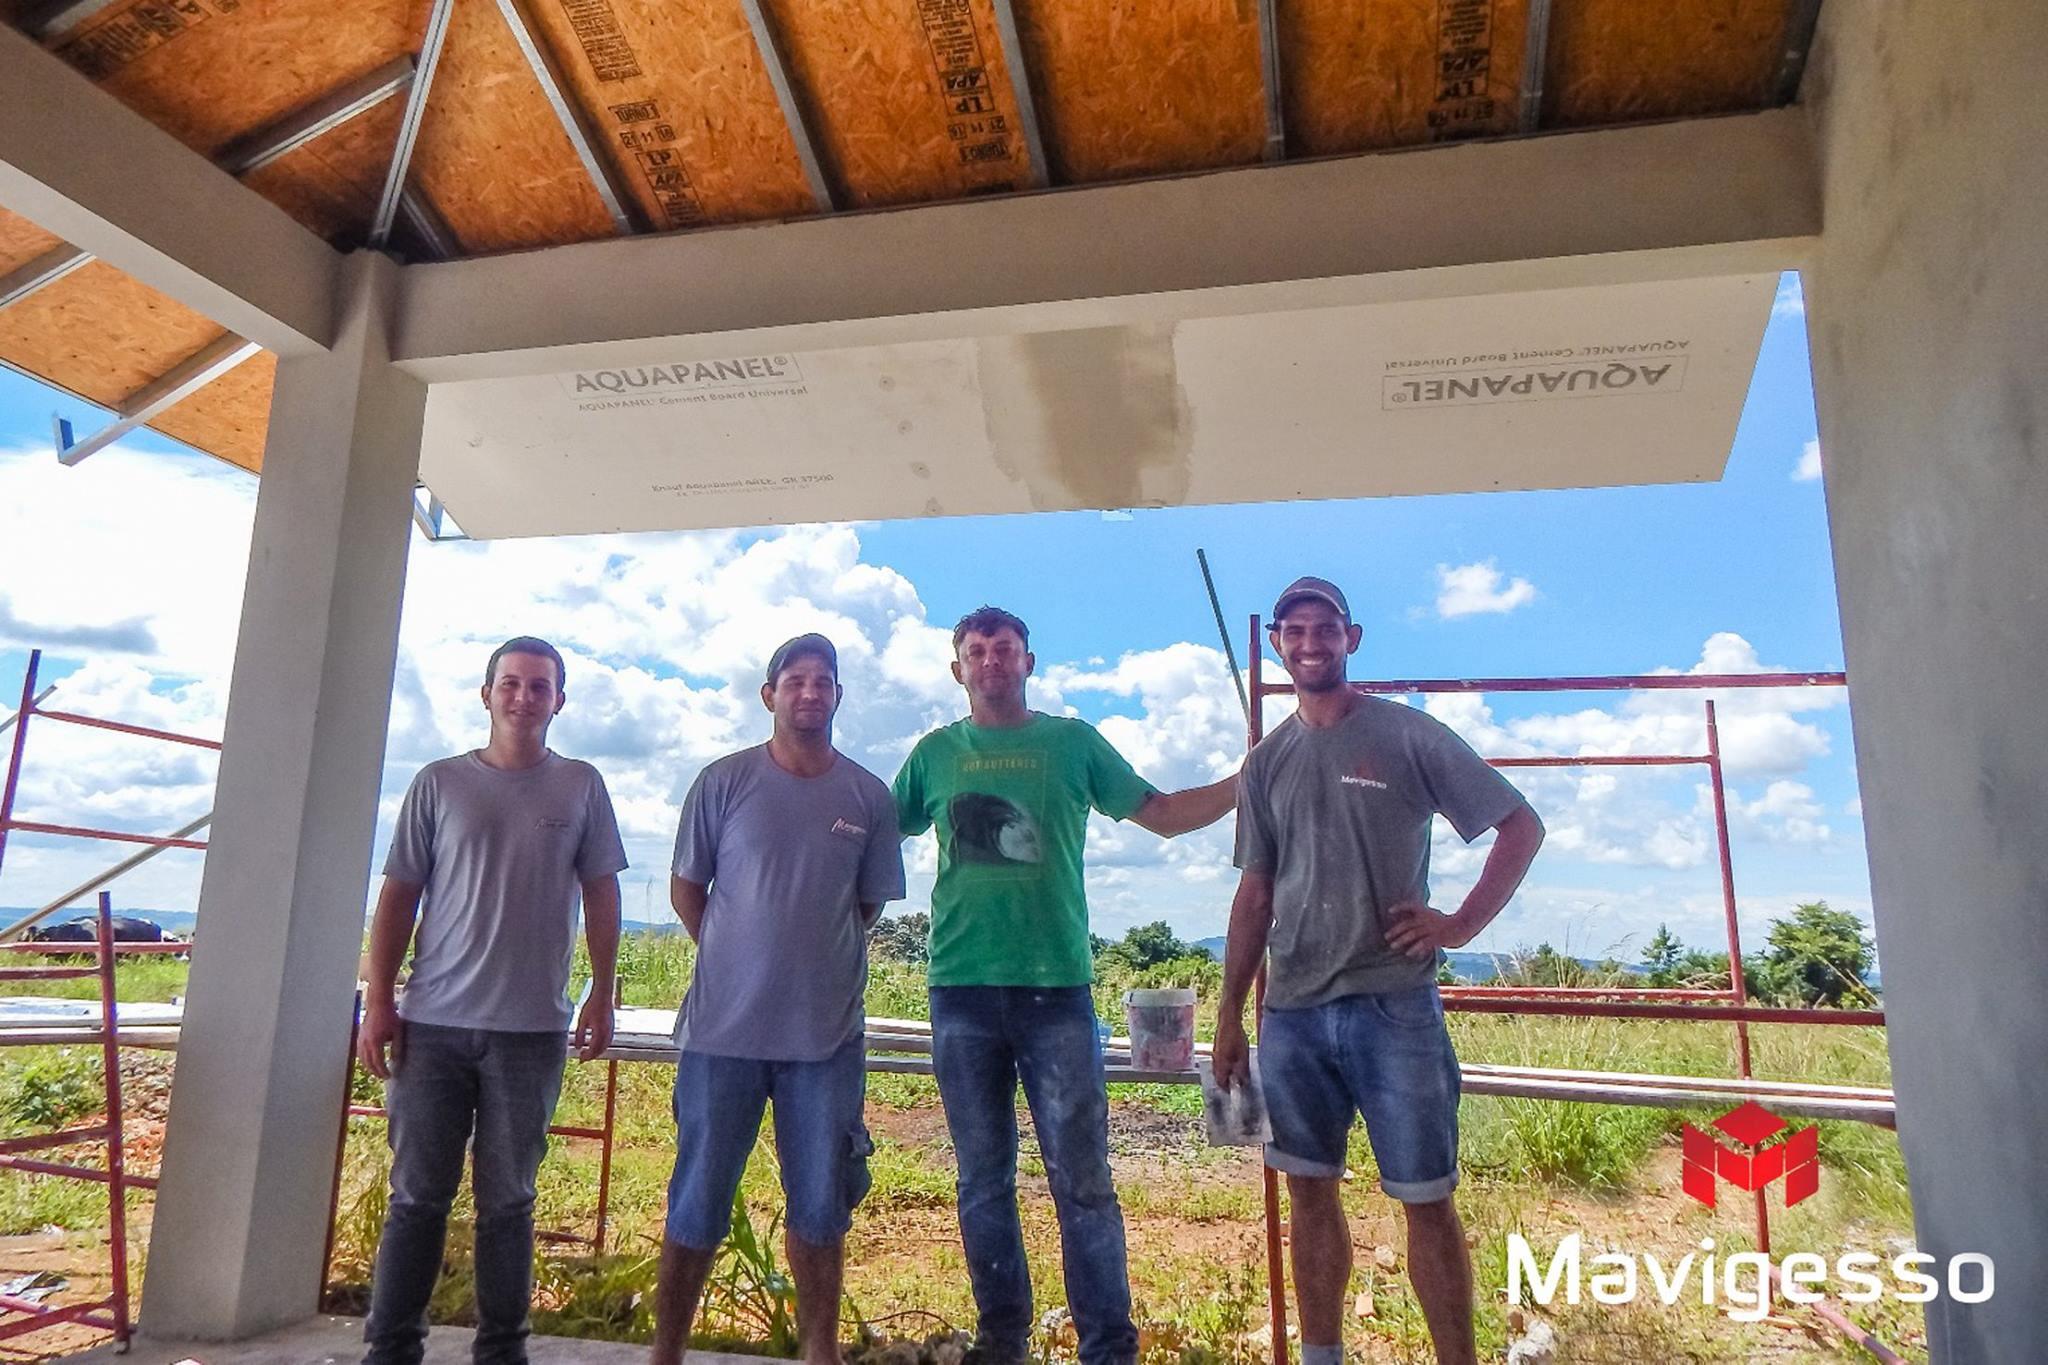 Treinamento Knauf com colaboradores Mavigesso